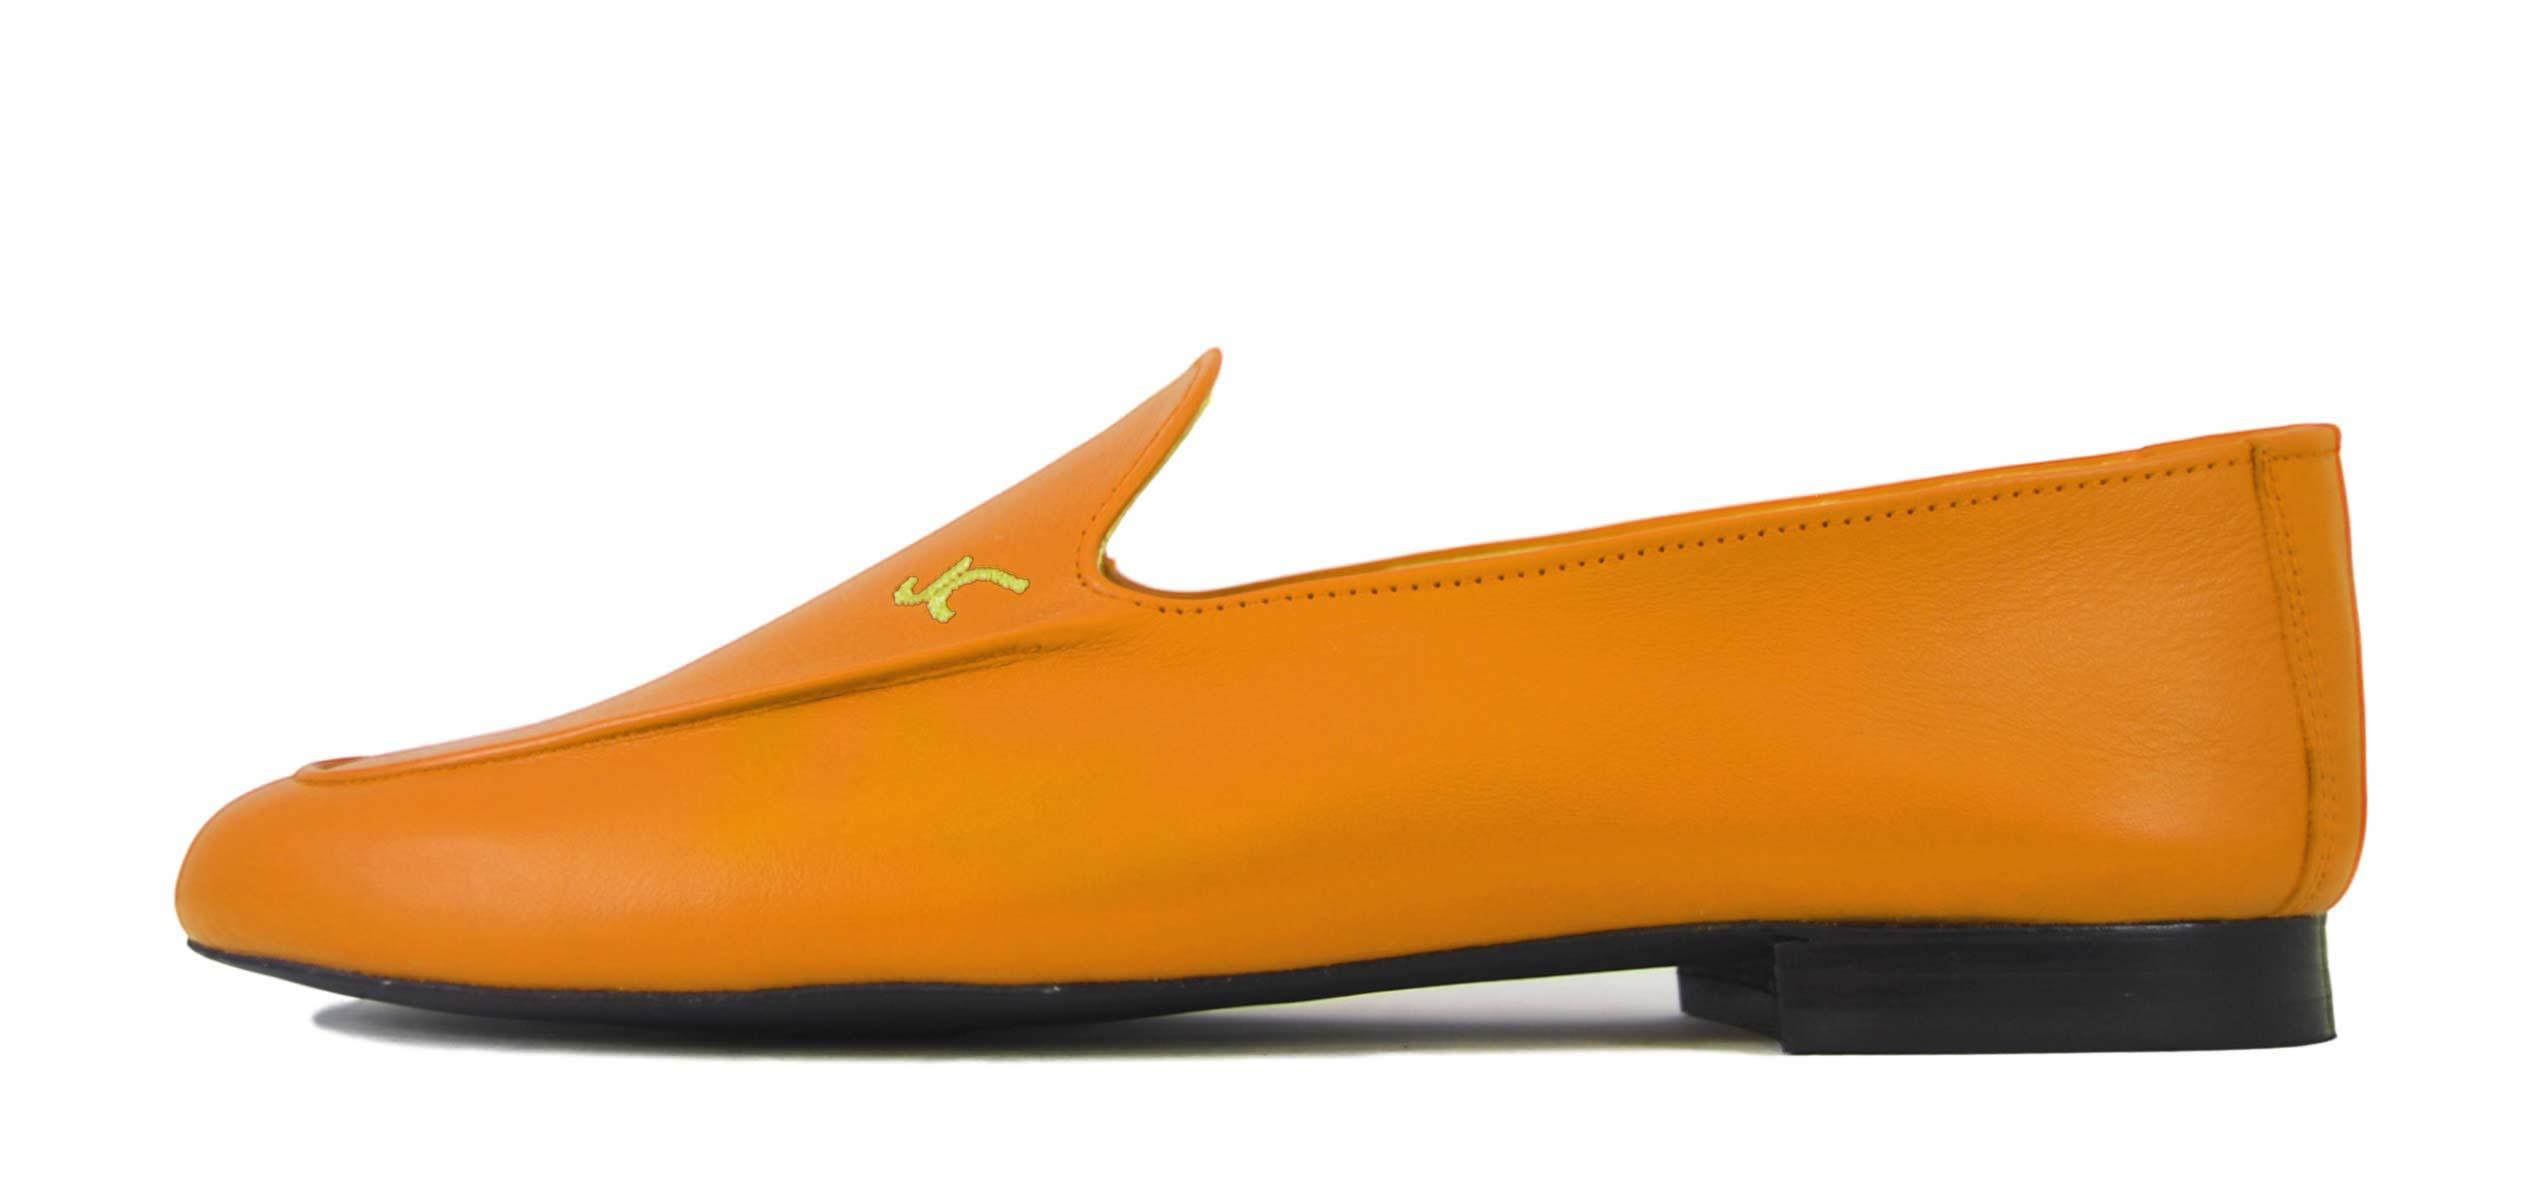 Foto 1 de Zapatos Julio Iglesias 528 JC Golden Napa Piel Original